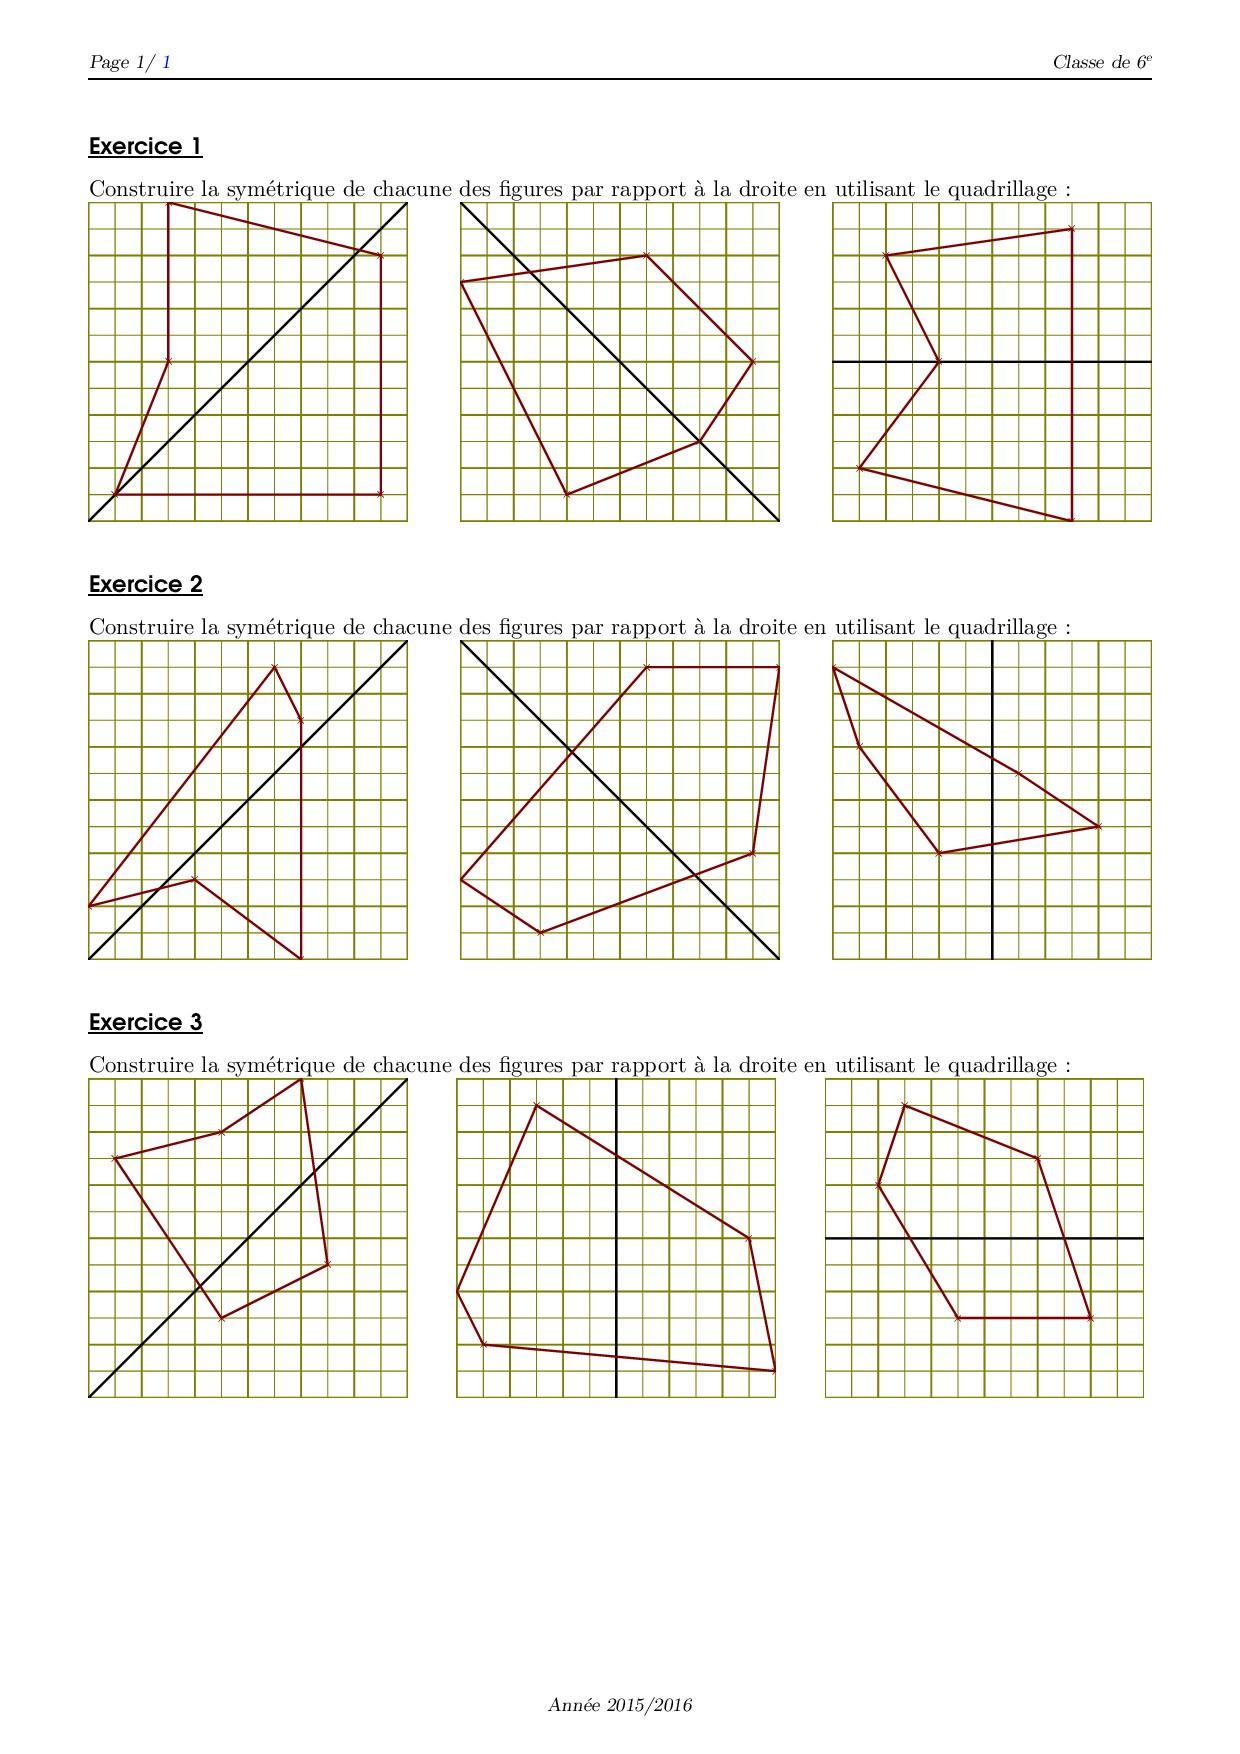 Symétrie Et Quadrillage - Série D'exercices 4 - Alloschool pour Symétrie Quadrillage